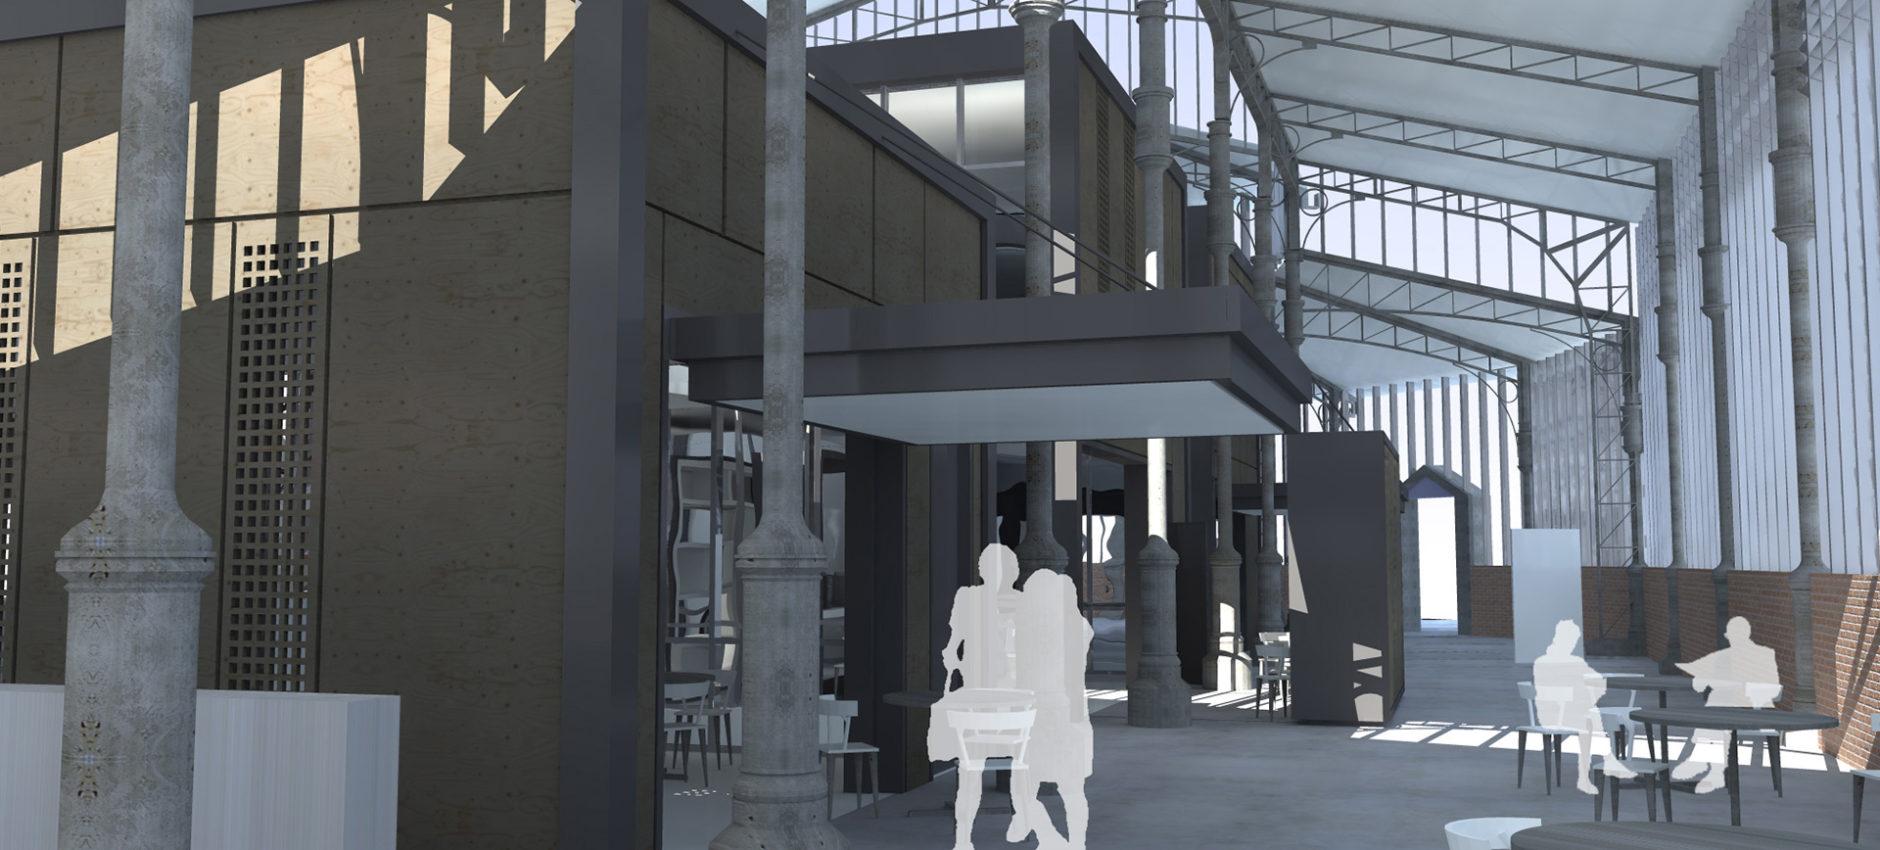 boca_architecture_projet_marche_des_douves_02.jpg